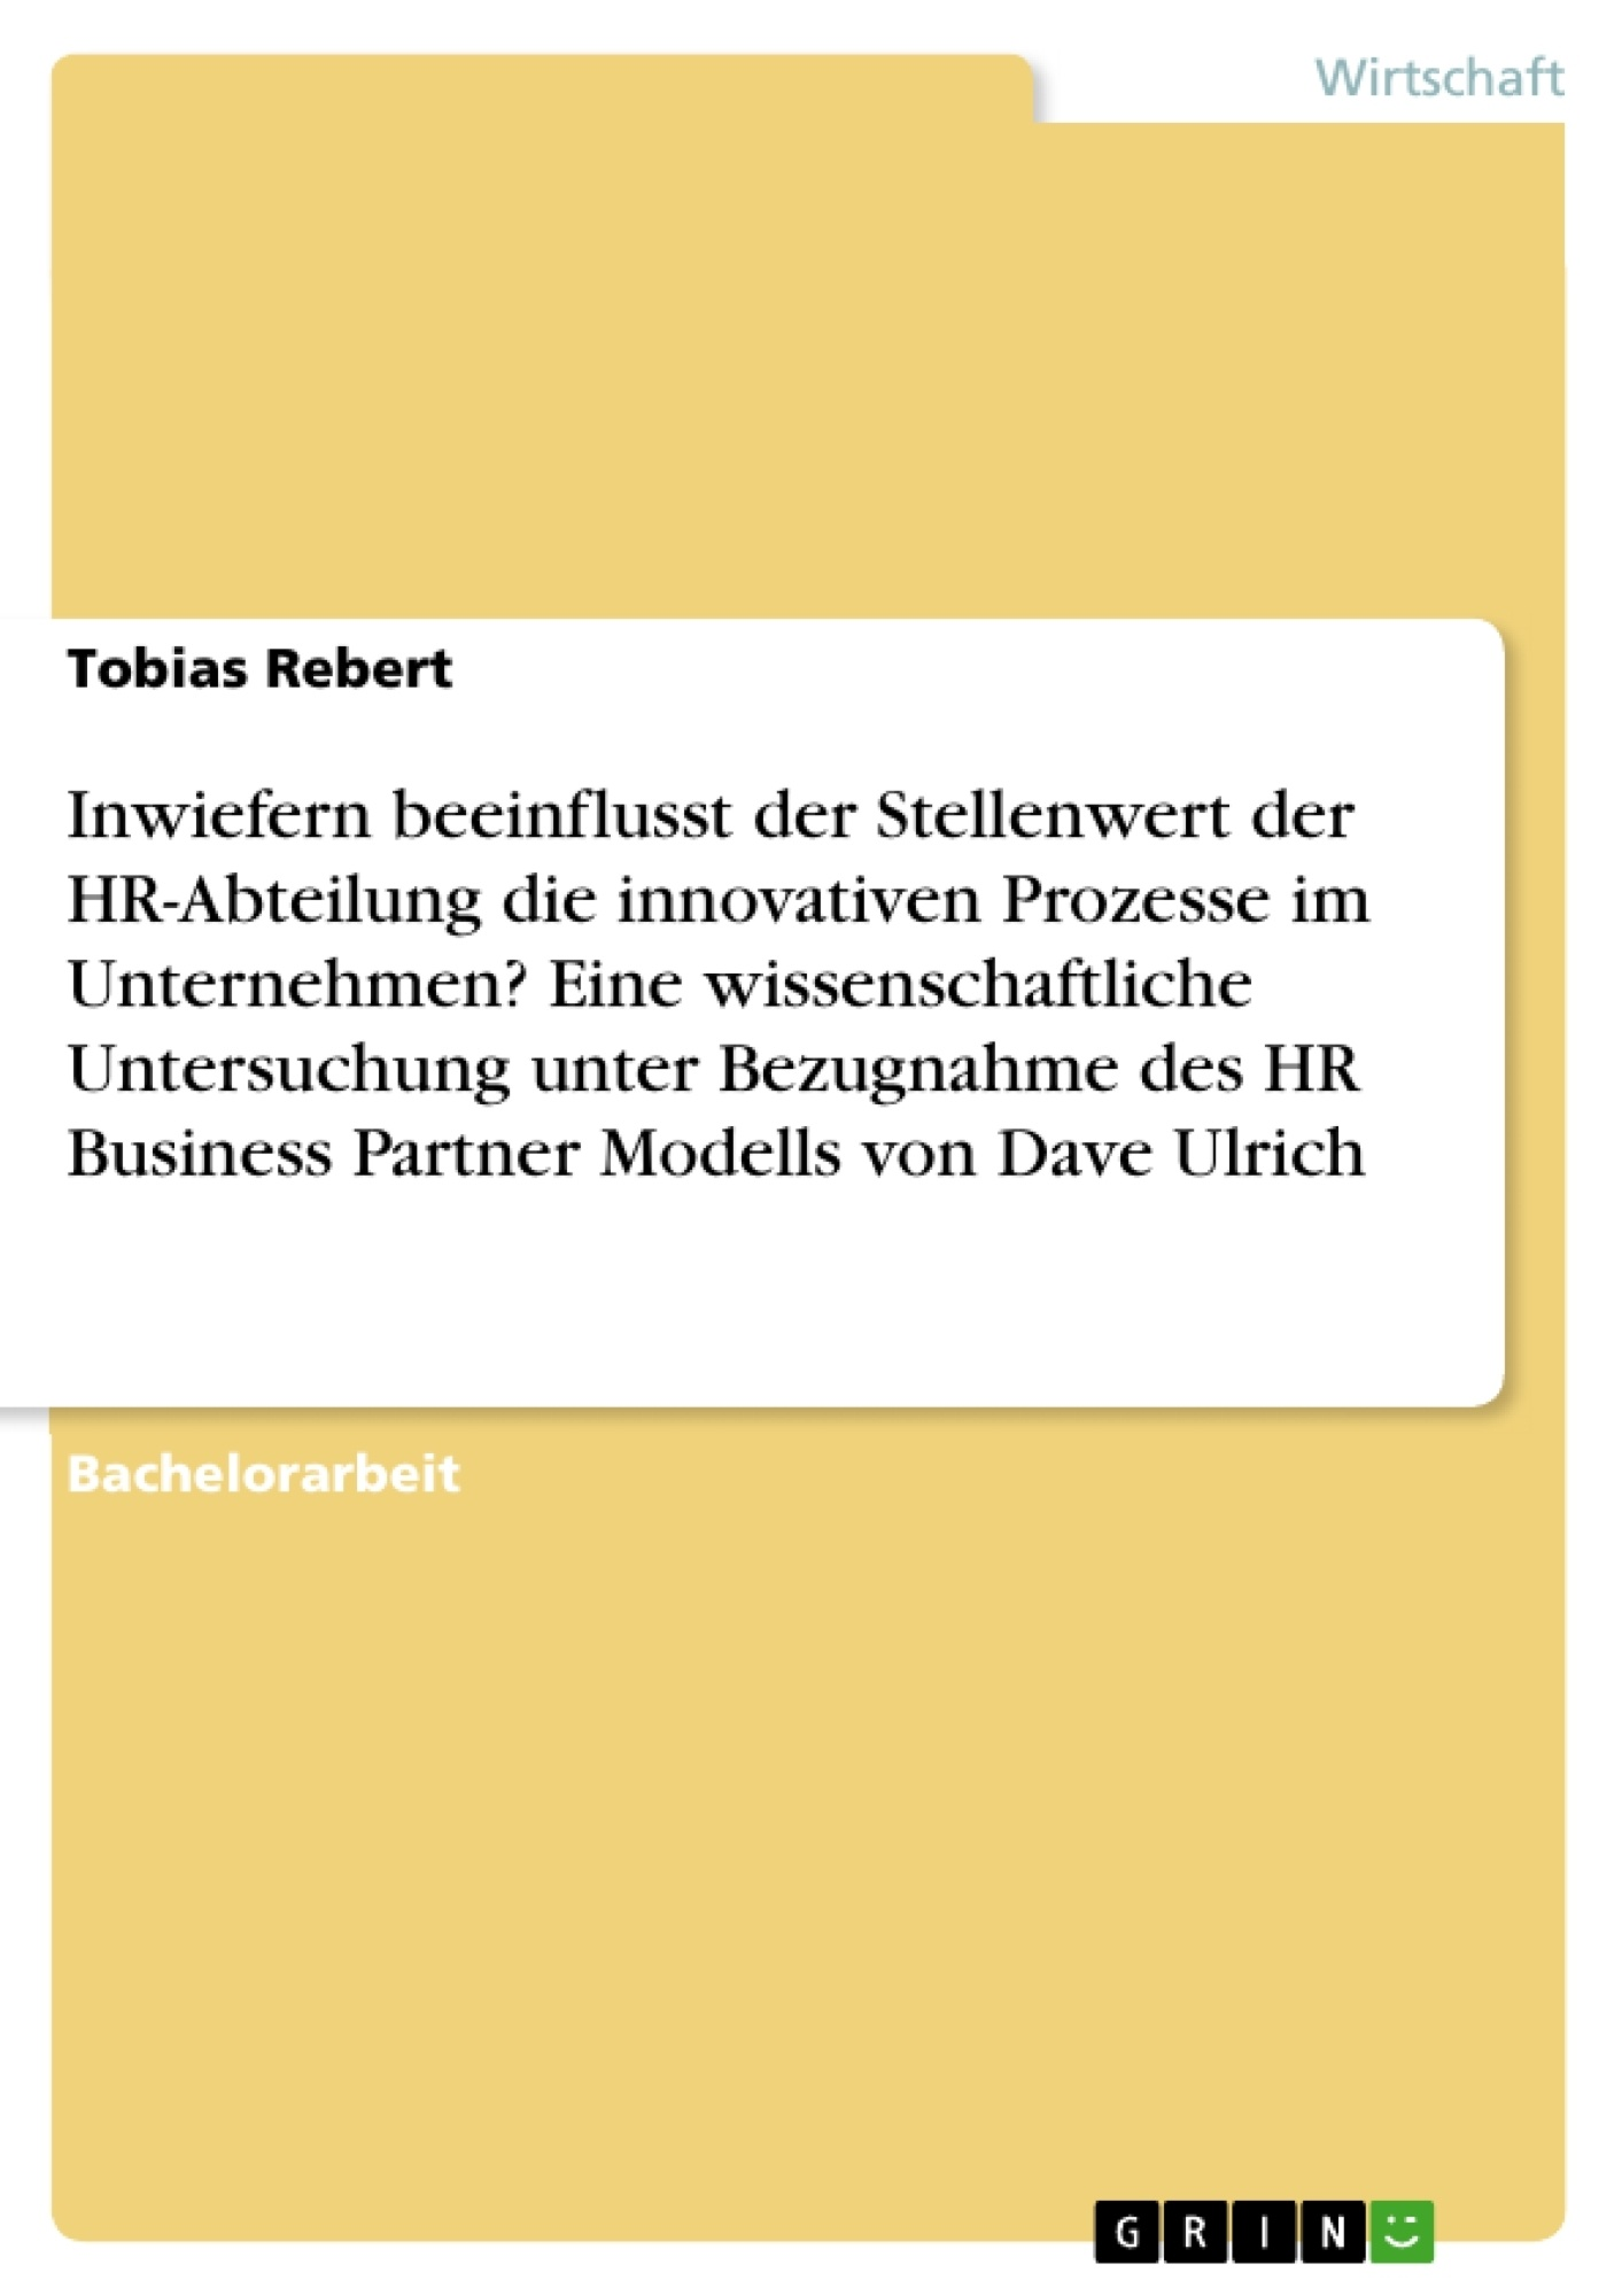 Titel: Inwiefern beeinflusst der Stellenwert der HR-Abteilung die innovativen Prozesse im Unternehmen? Eine wissenschaftliche Untersuchung unter Bezugnahme des HR Business Partner Modells von Dave Ulrich